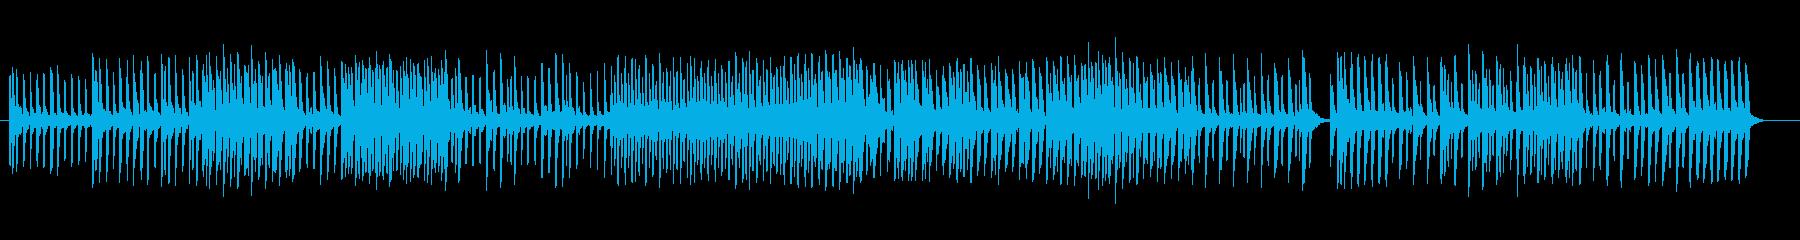 シンプルで繊細なスピリチュアルサウンドの再生済みの波形